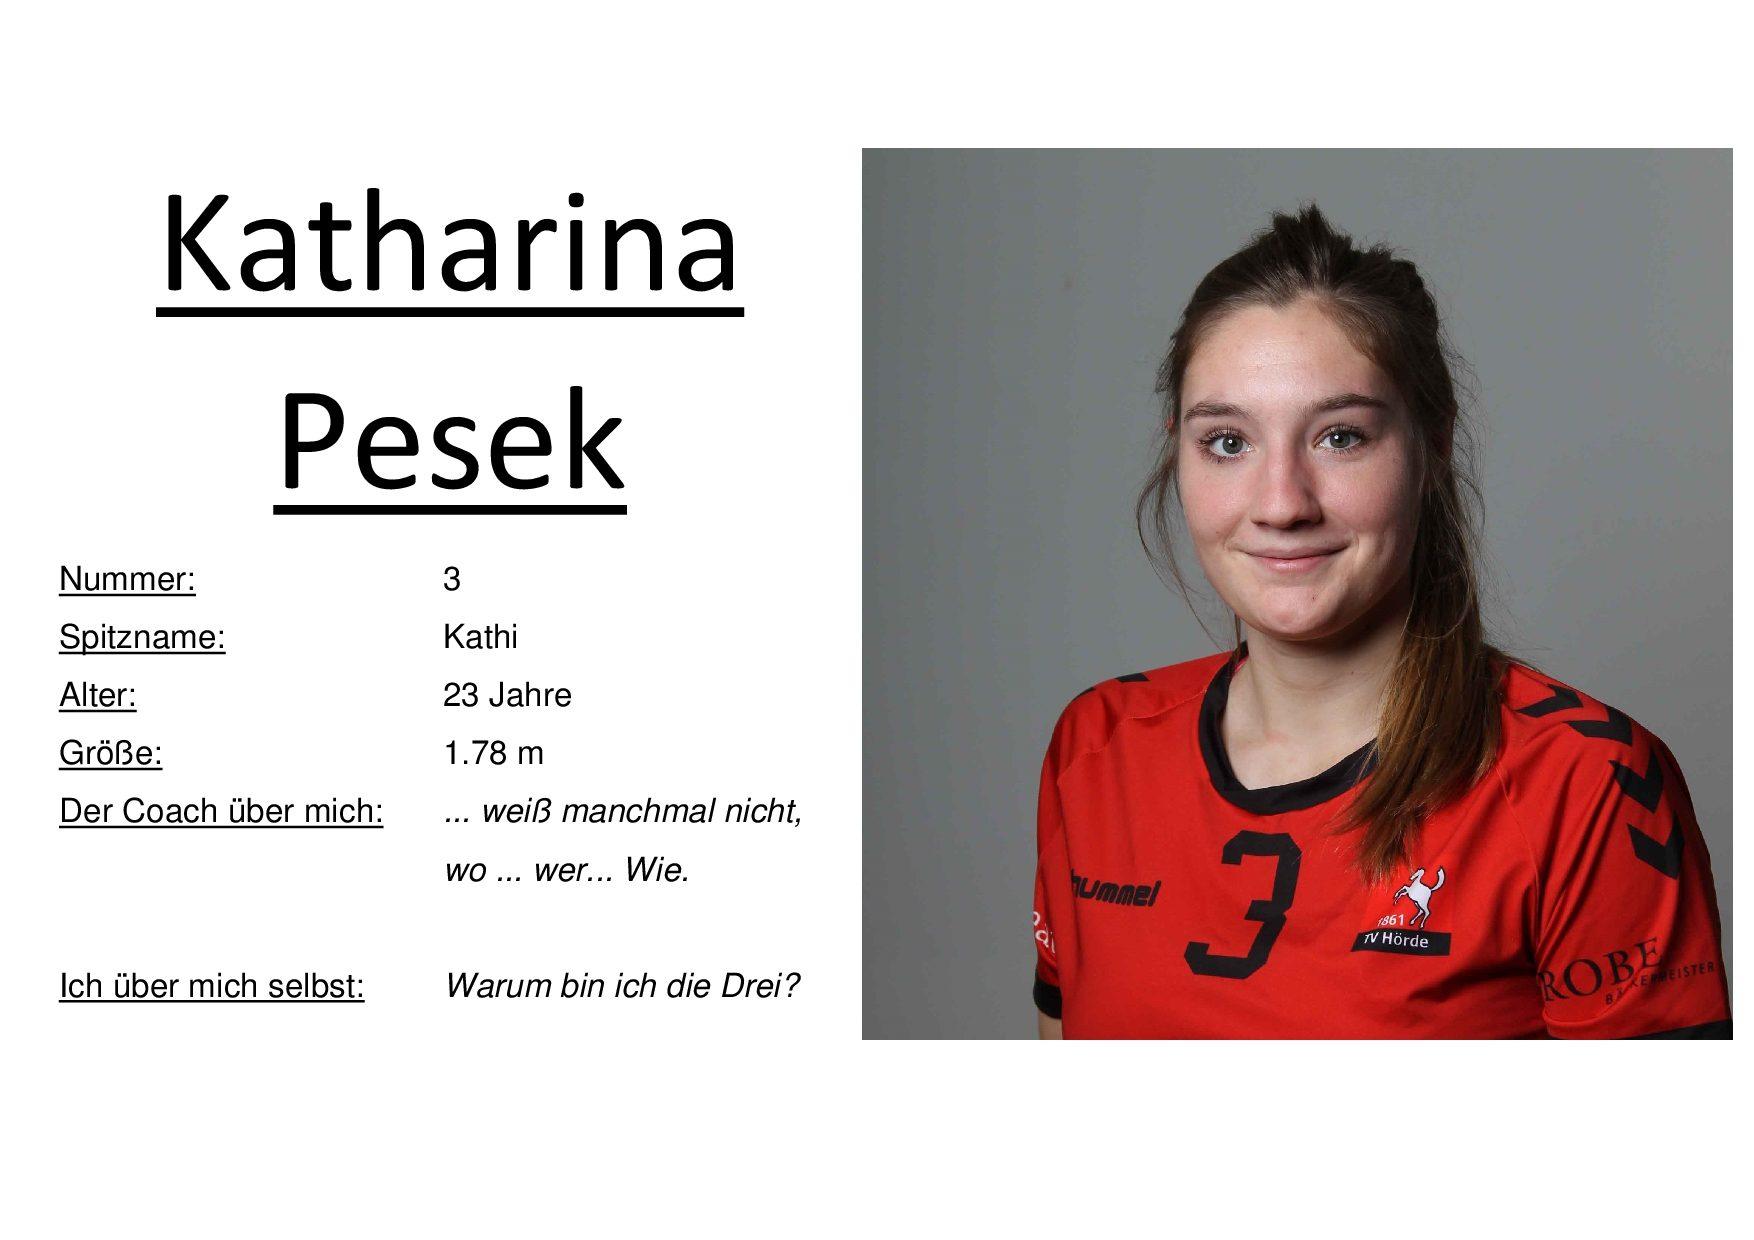 Katharina Pesek